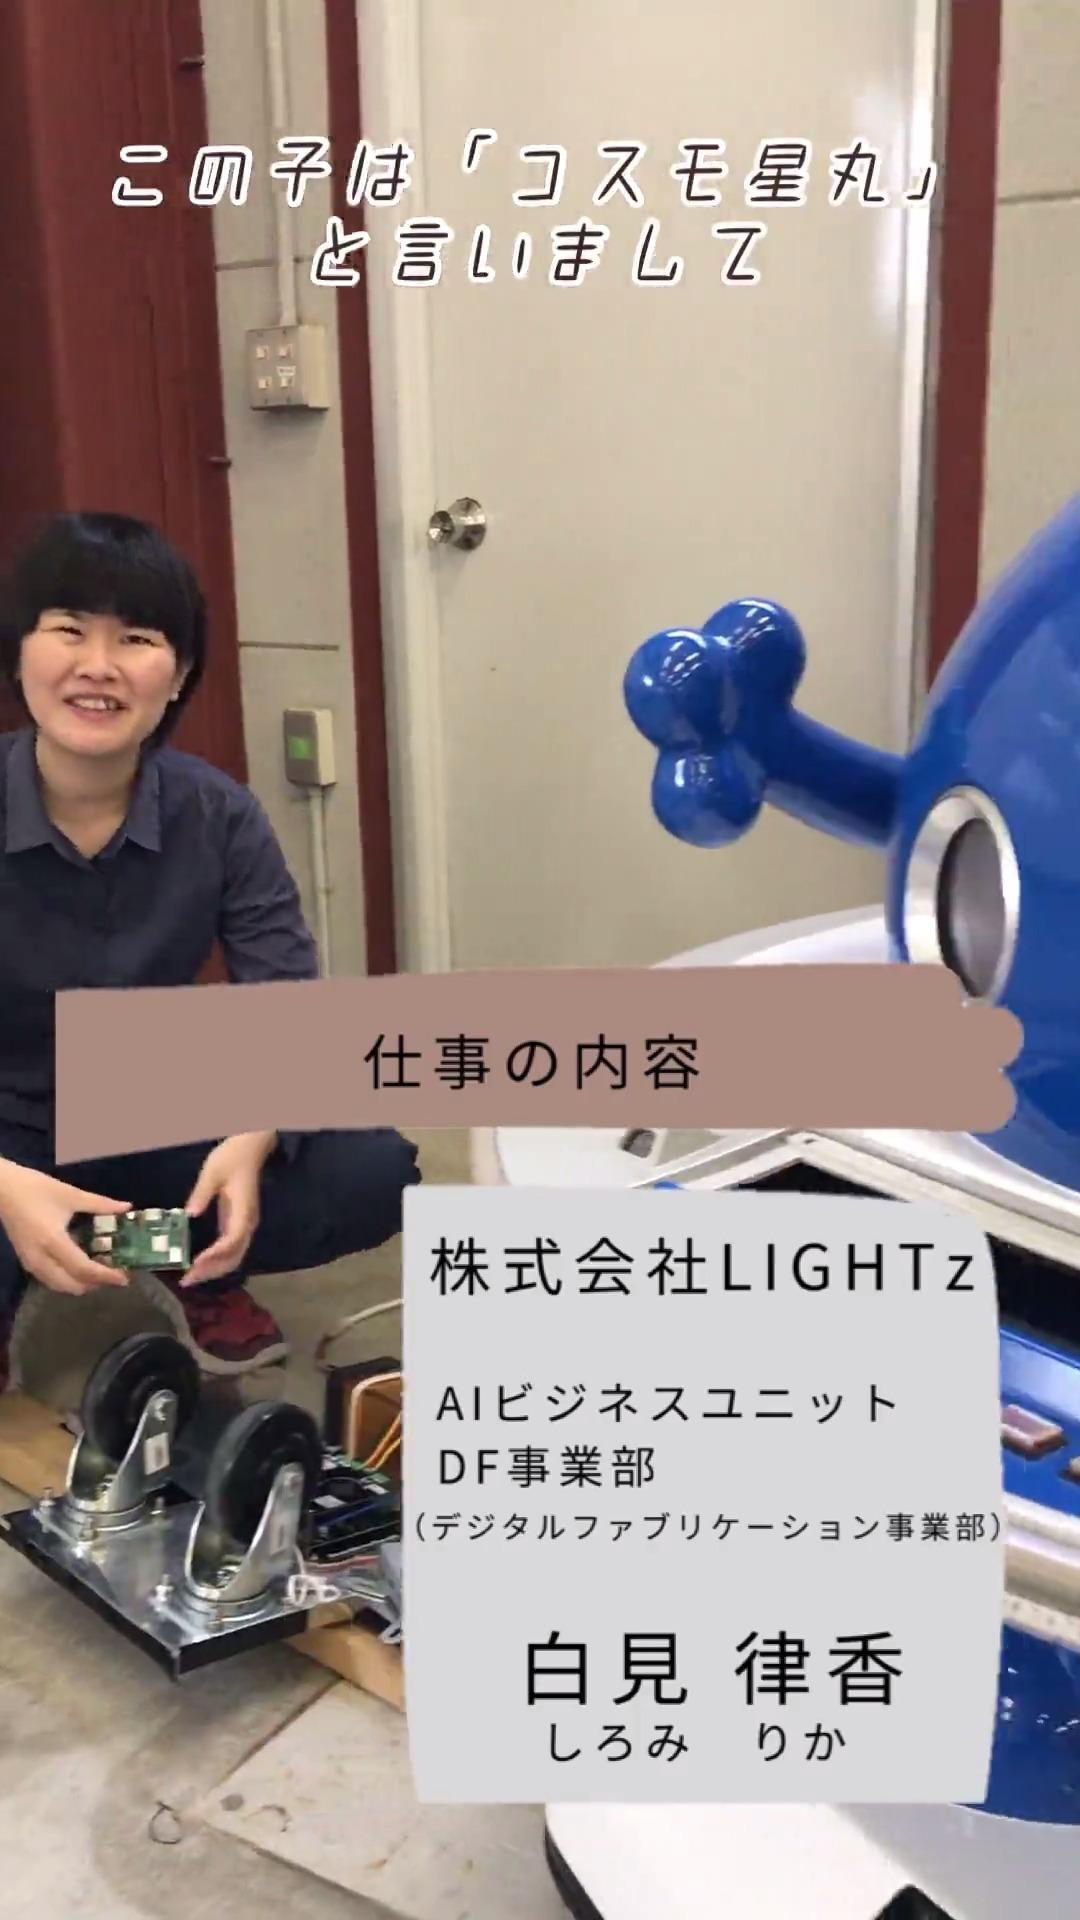 つくば万博のマスコットキャラクター「星丸くん」をご紹介!【採用動画】